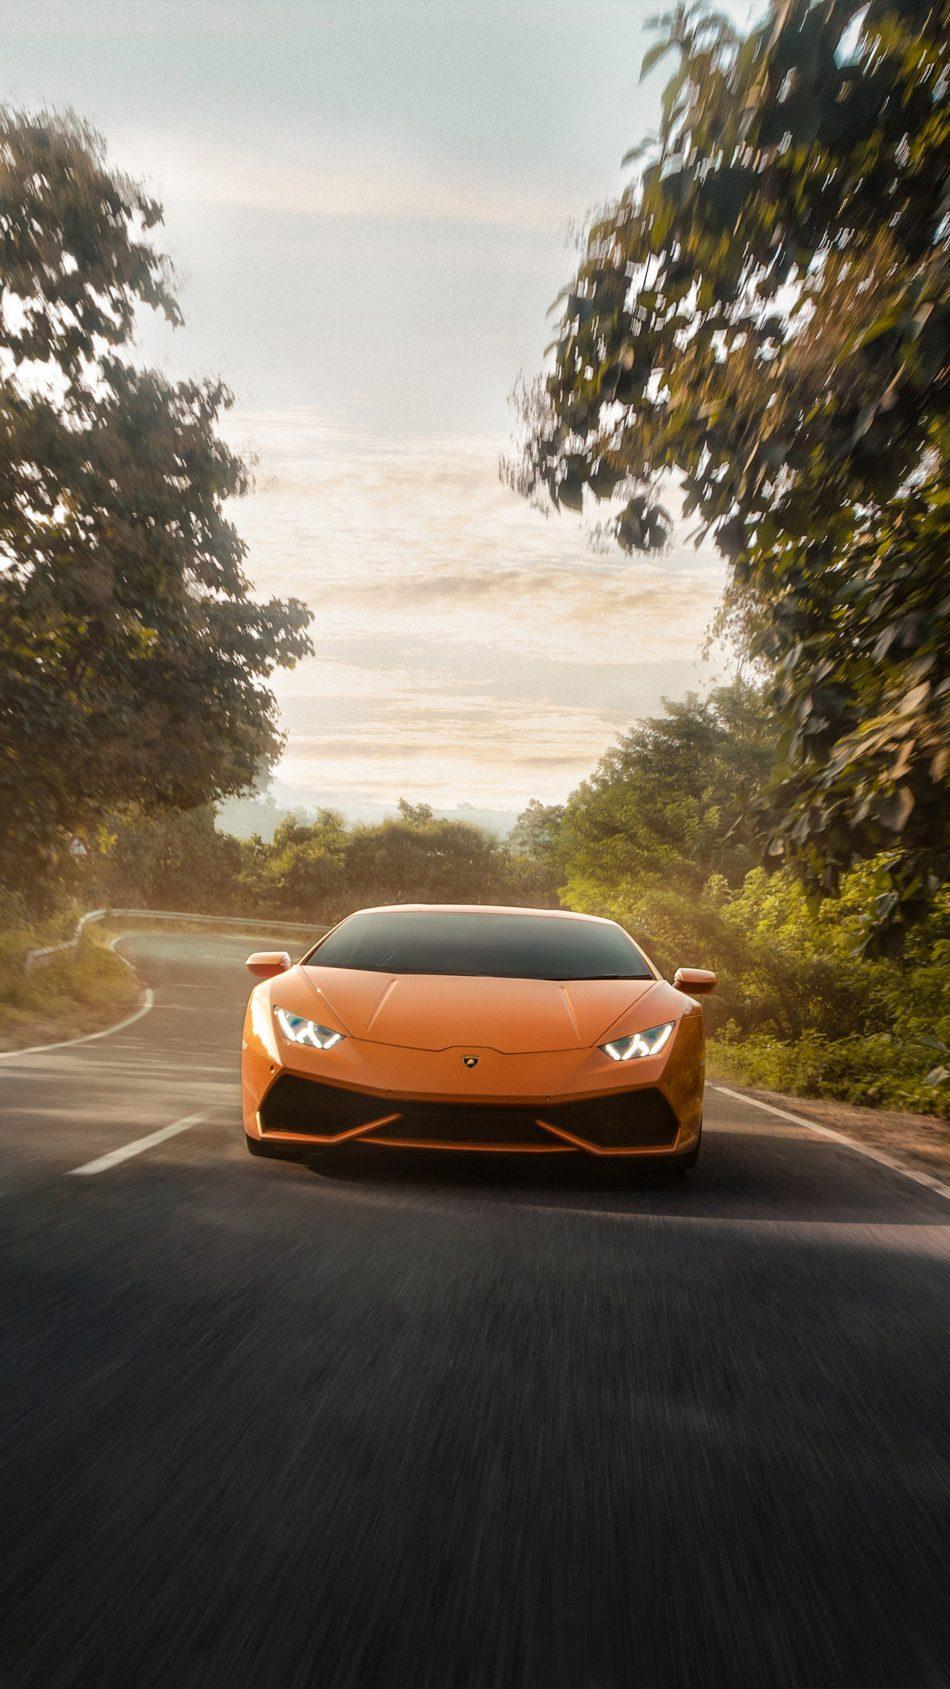 Lamborghini Hd Mobile Wallpapers Wallpaper Cave